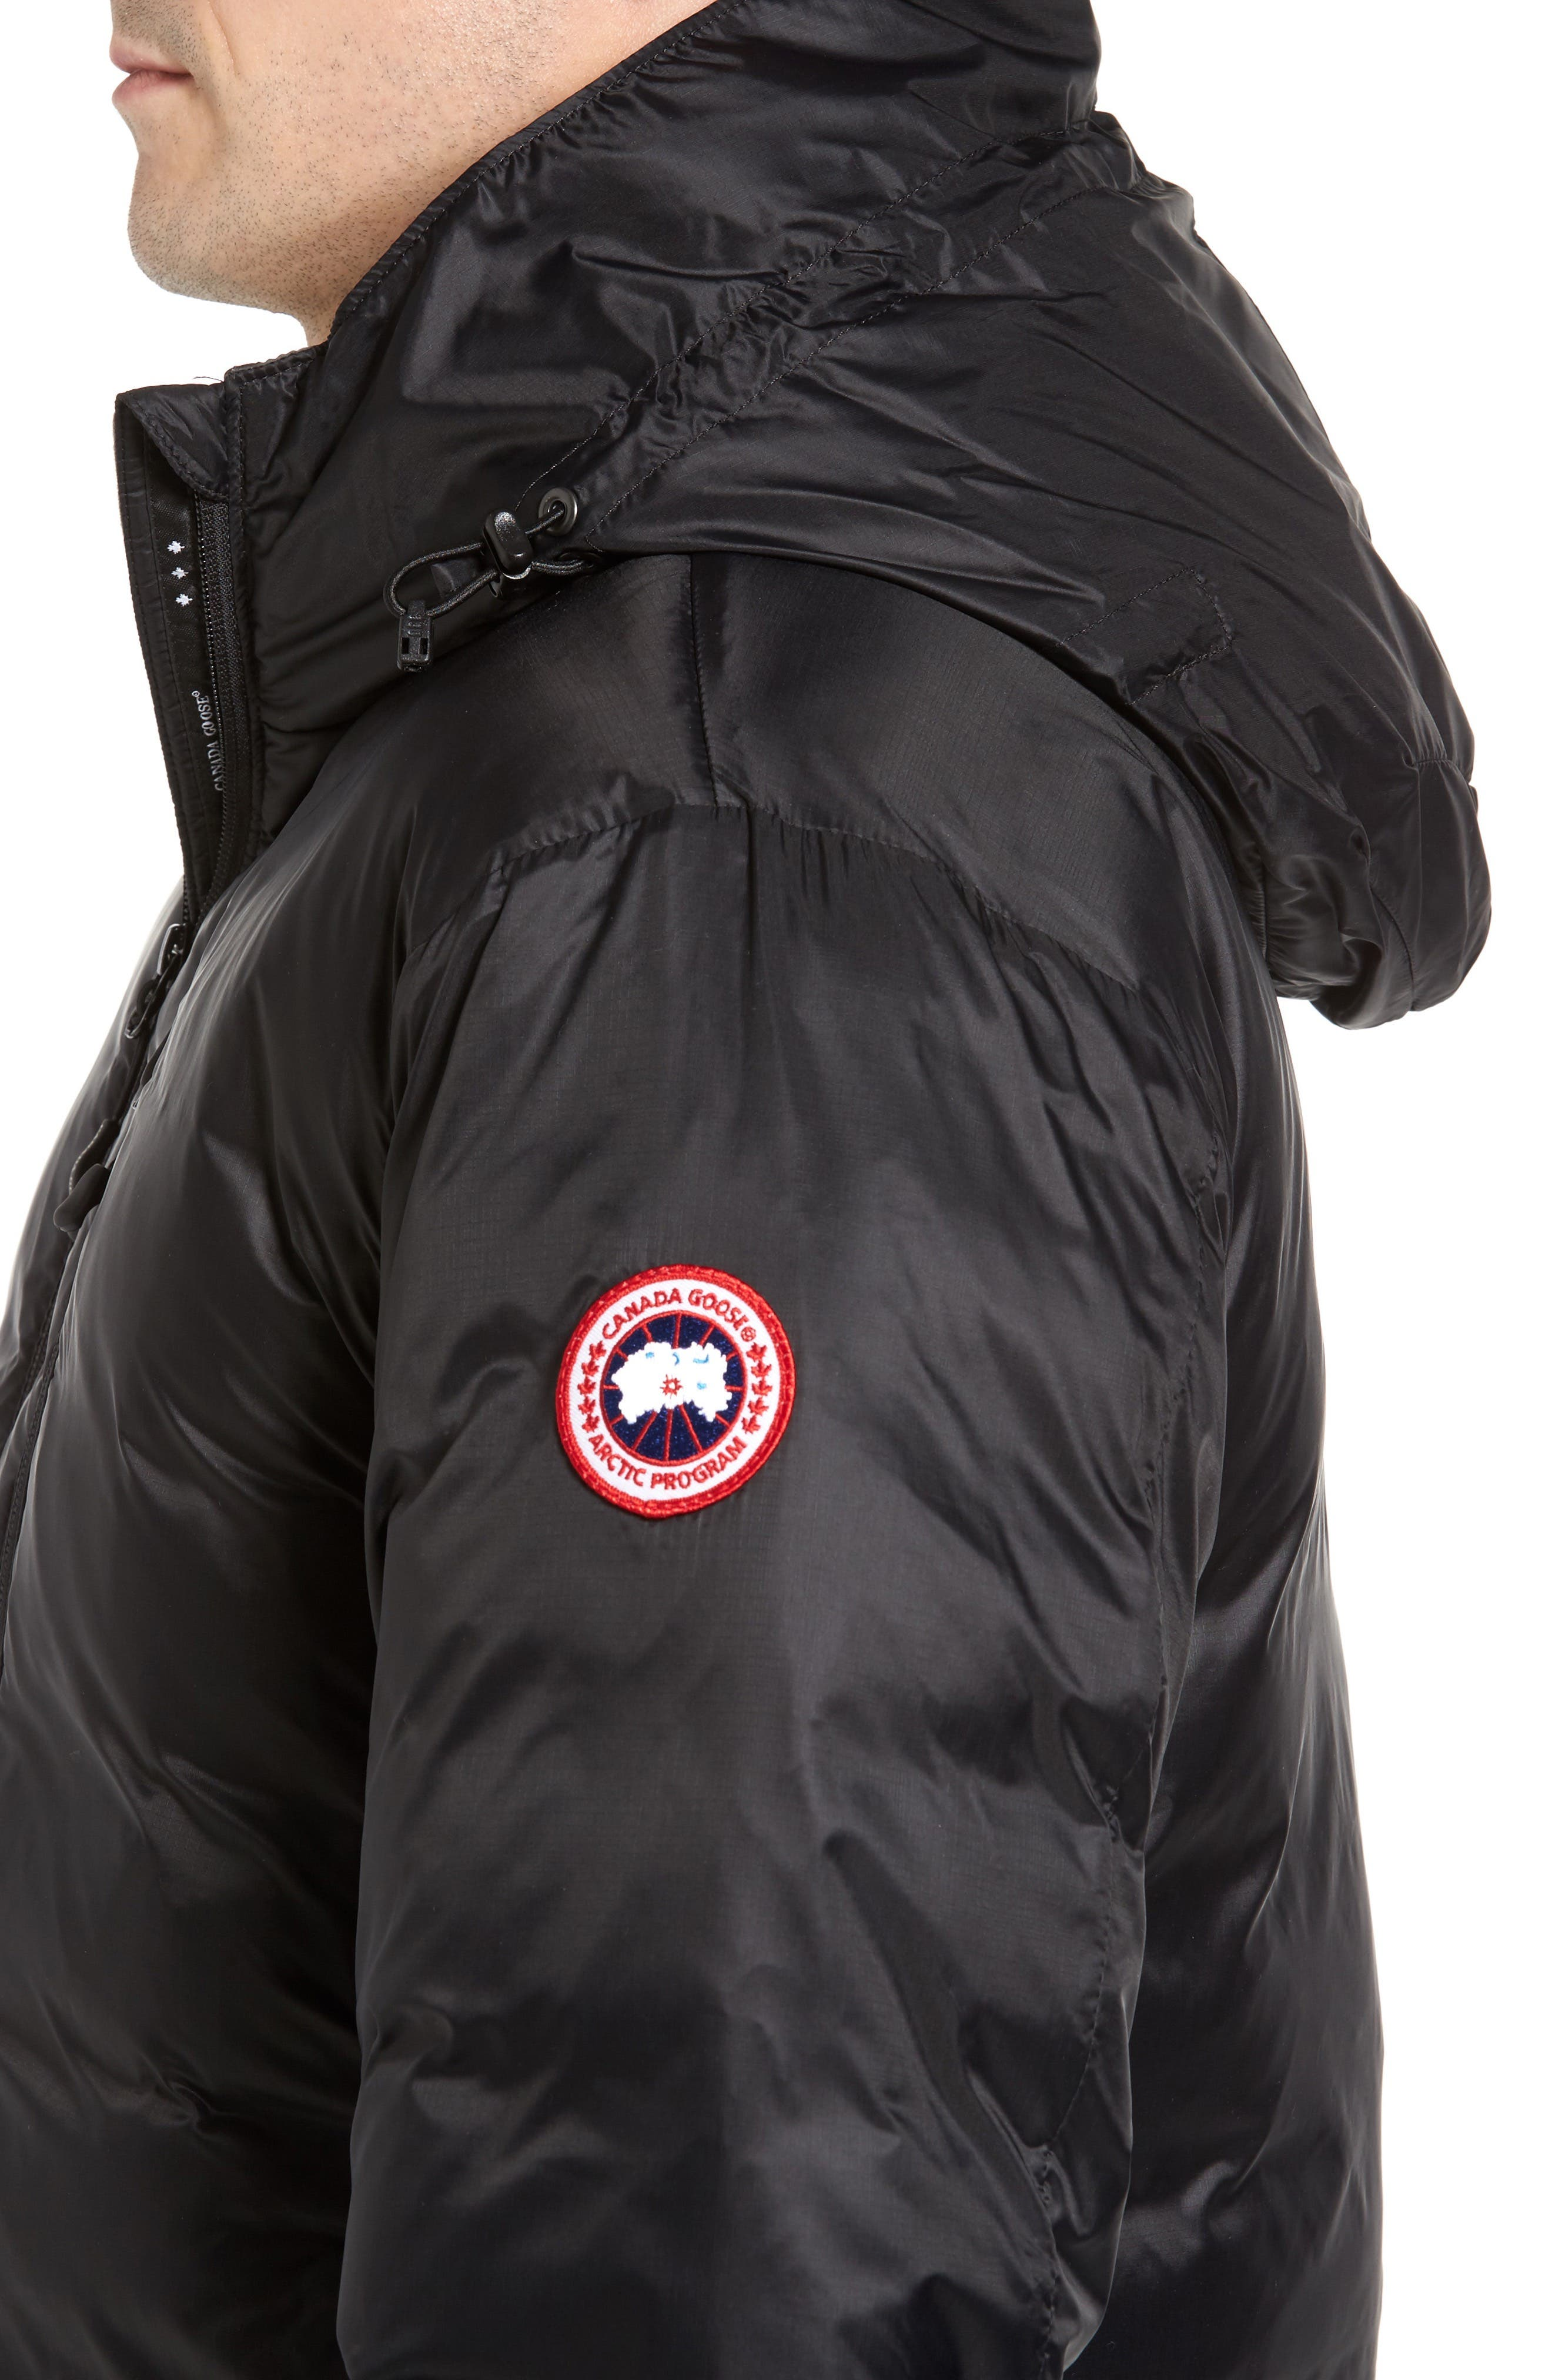 Lodge Fusion Fit Packable Down Jacket,                             Alternate thumbnail 4, color,                             BLACK/ BLACK